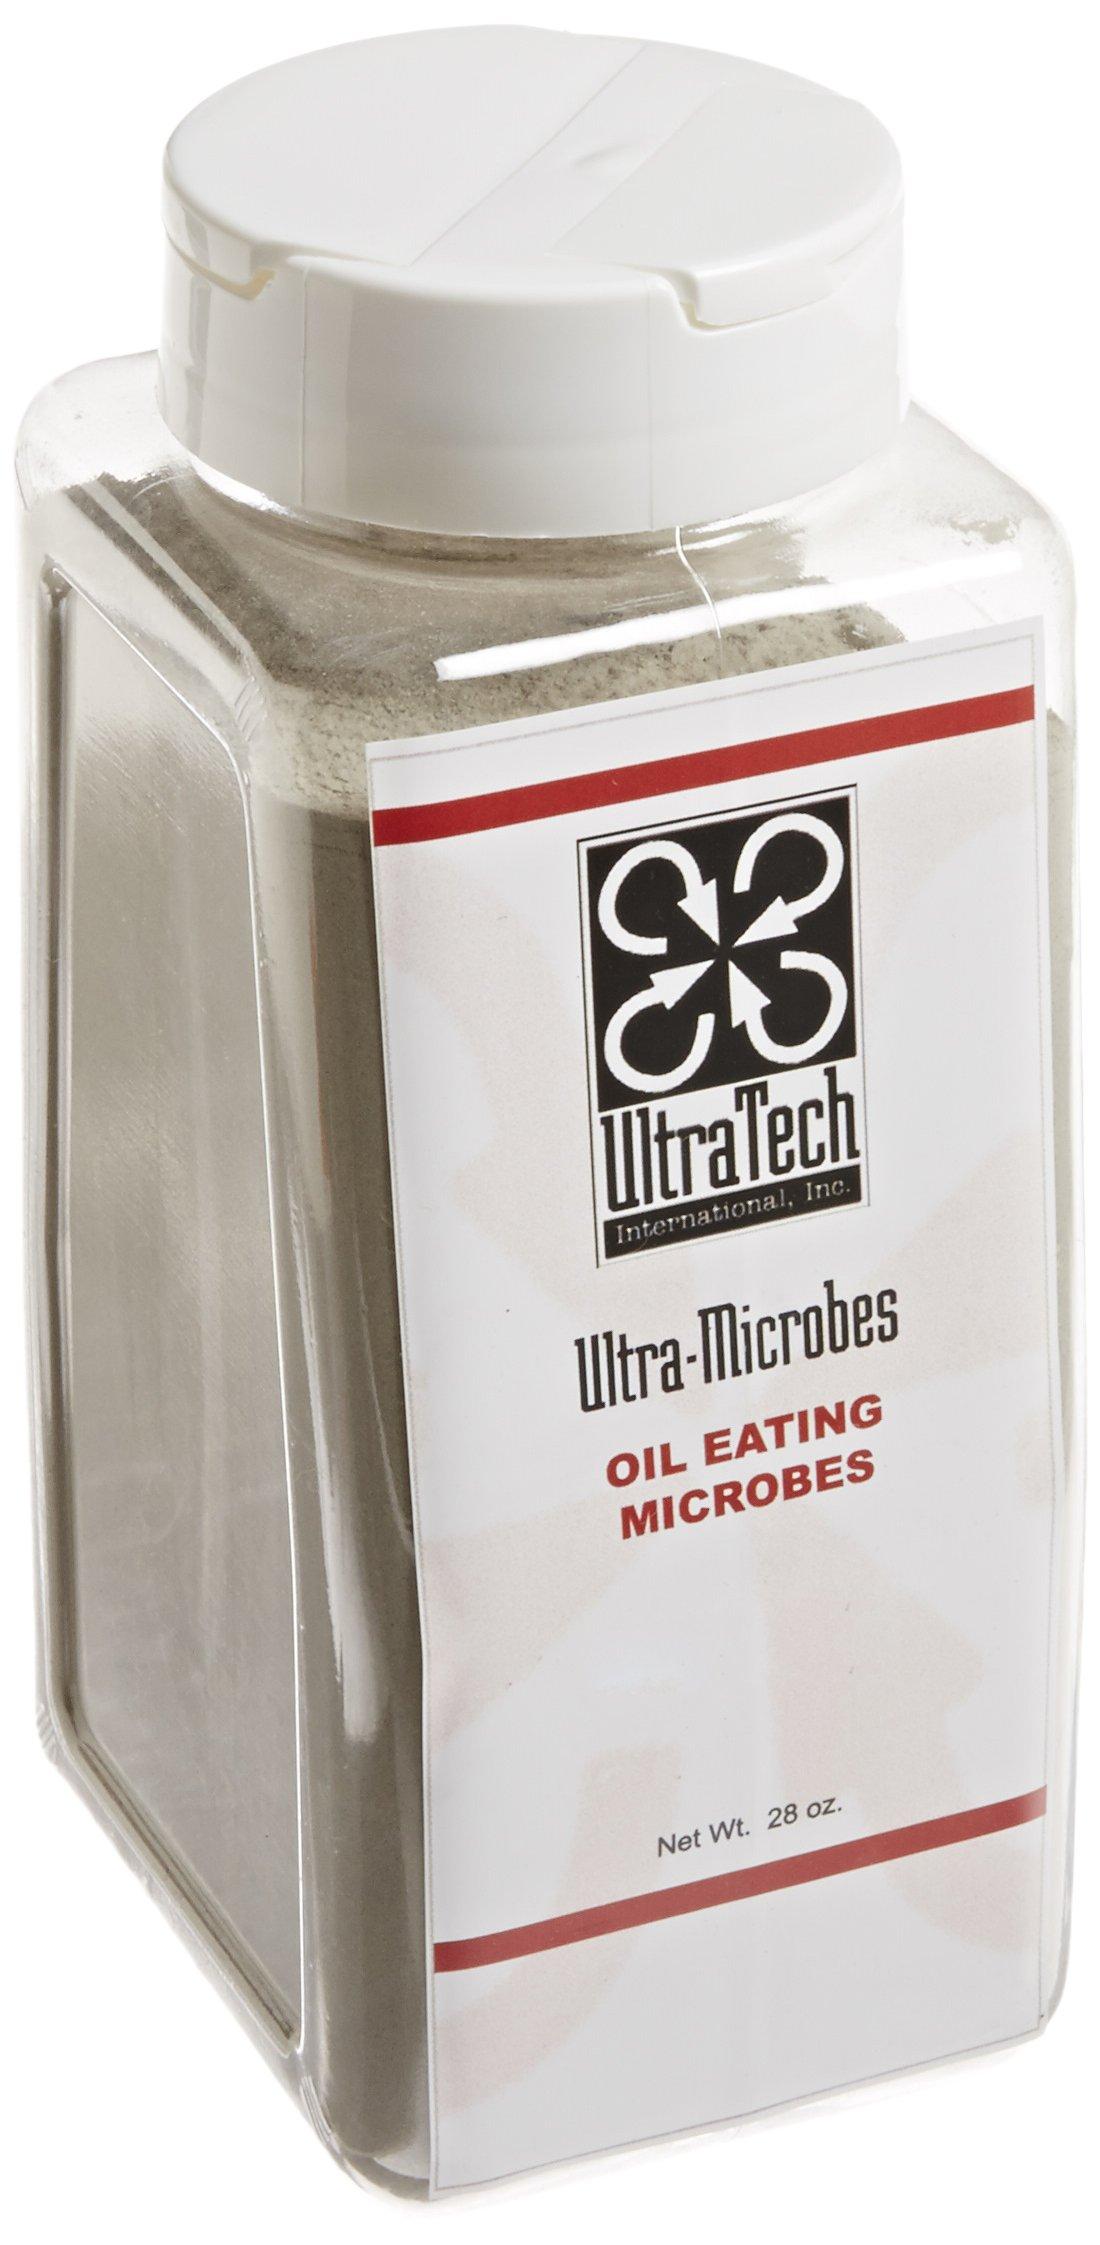 Oil Eating Microbes, 2 lb., Shaker